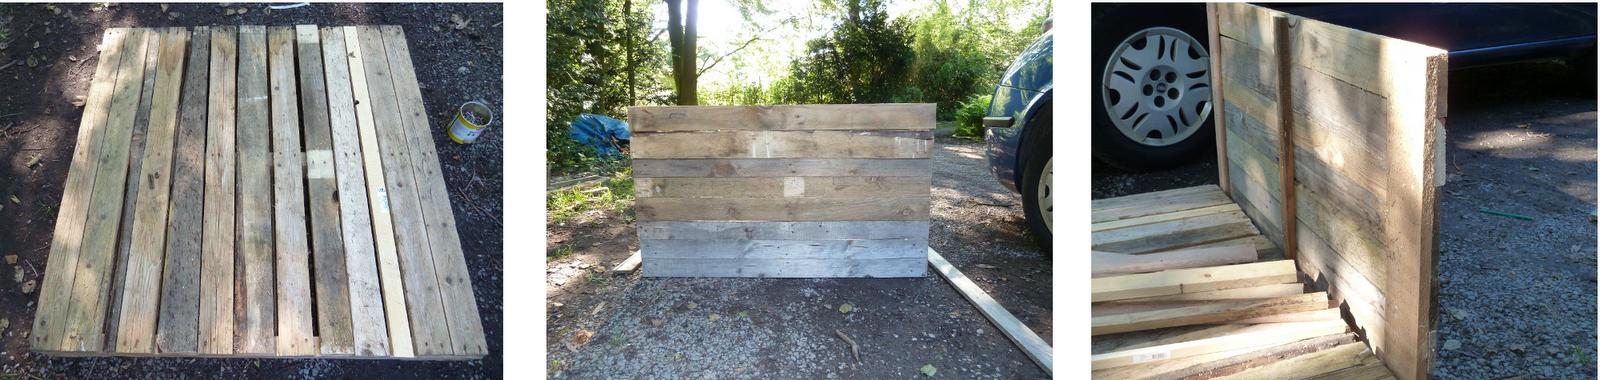 terrasse bois de recuperation diverses id es de conception de patio en bois pour. Black Bedroom Furniture Sets. Home Design Ideas